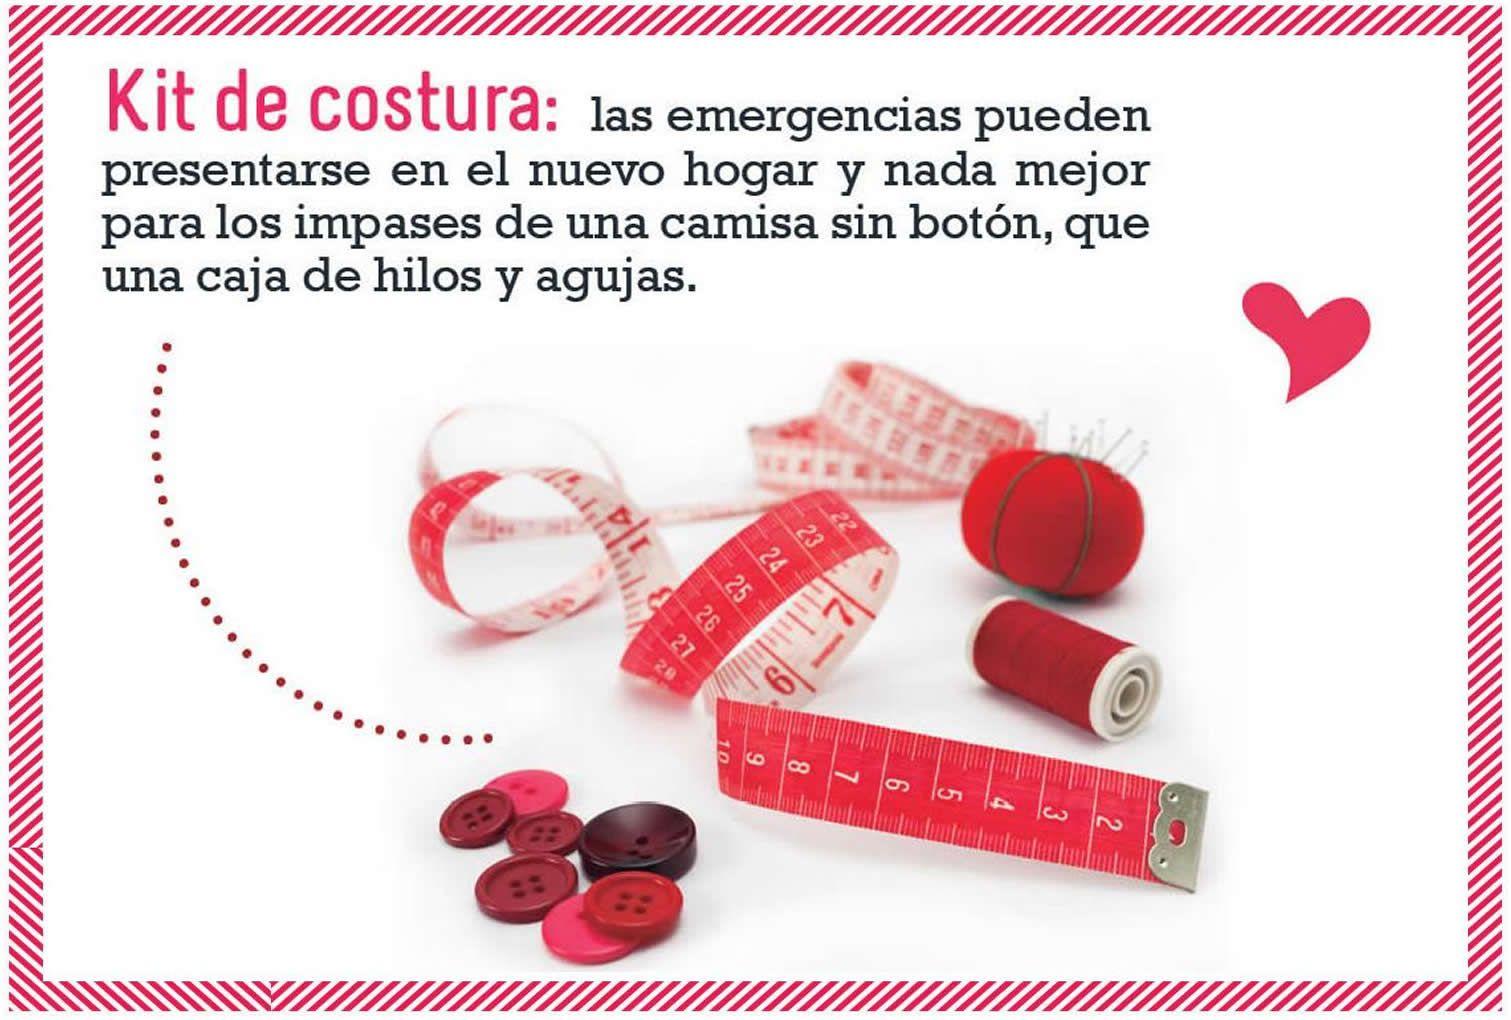 Kit de costura: las emergencias pueden presentarse en el nuevo hogar y nada mejor para los impases de una camisa sin botón, que una caja de hilos y agujas.